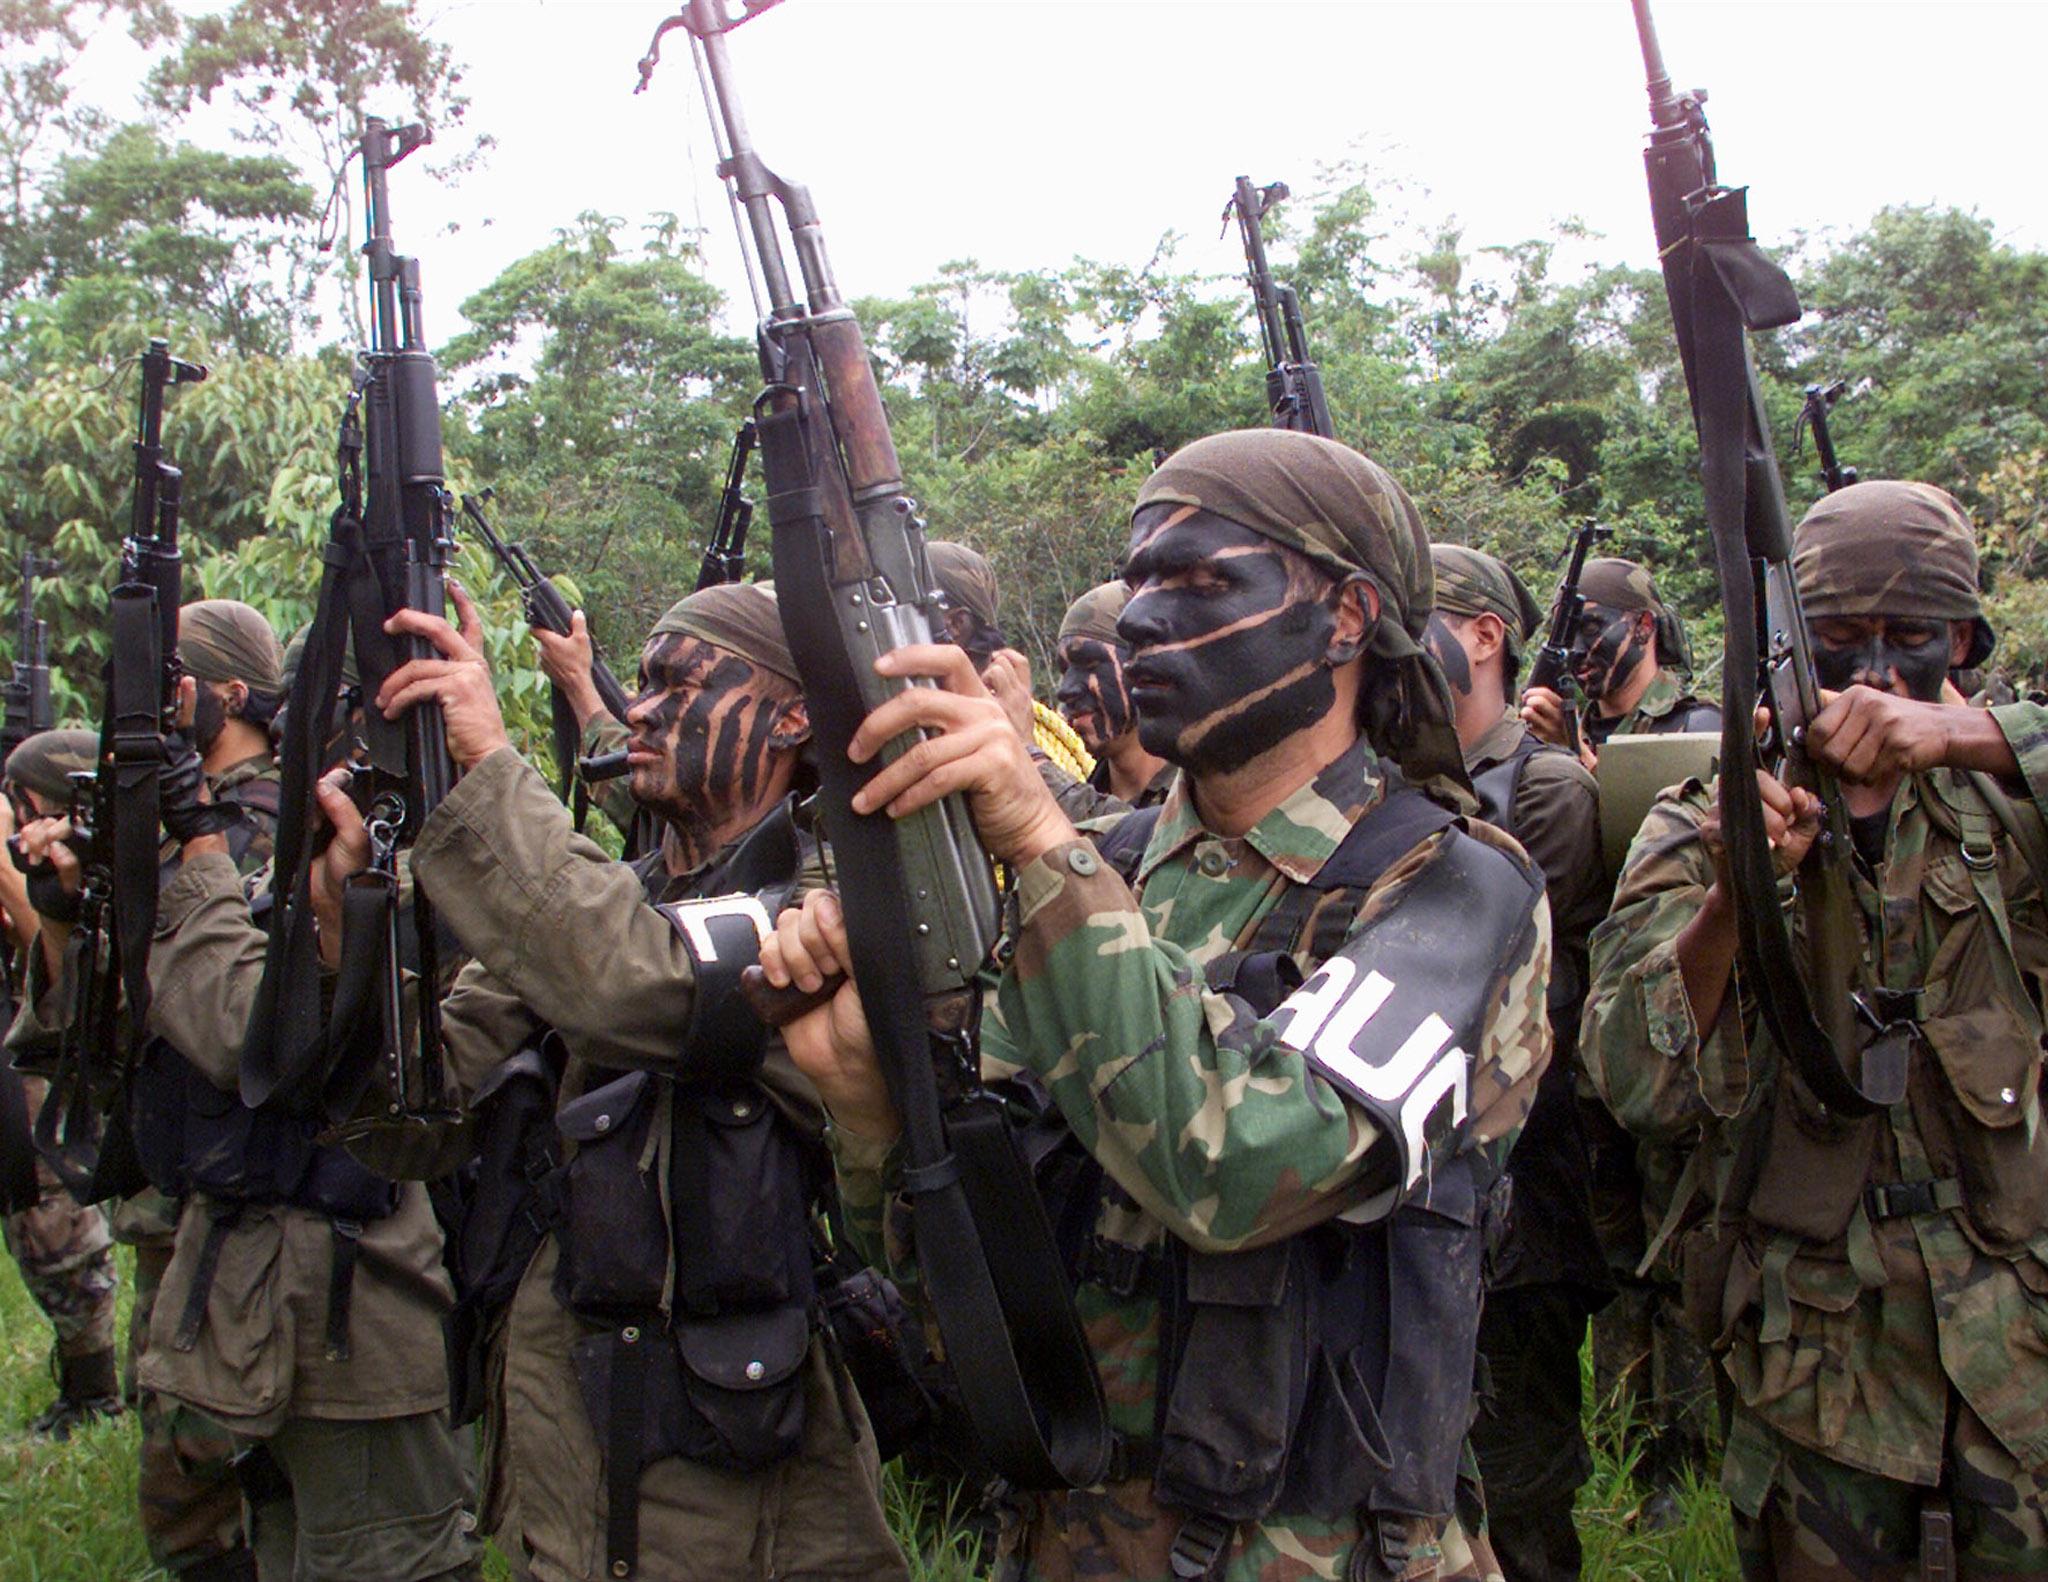 Resultado de imagem para grupos de terrorismo paramilitar da Colômbia representam organizações de direita REUTERS/Jose Miguel Gomez